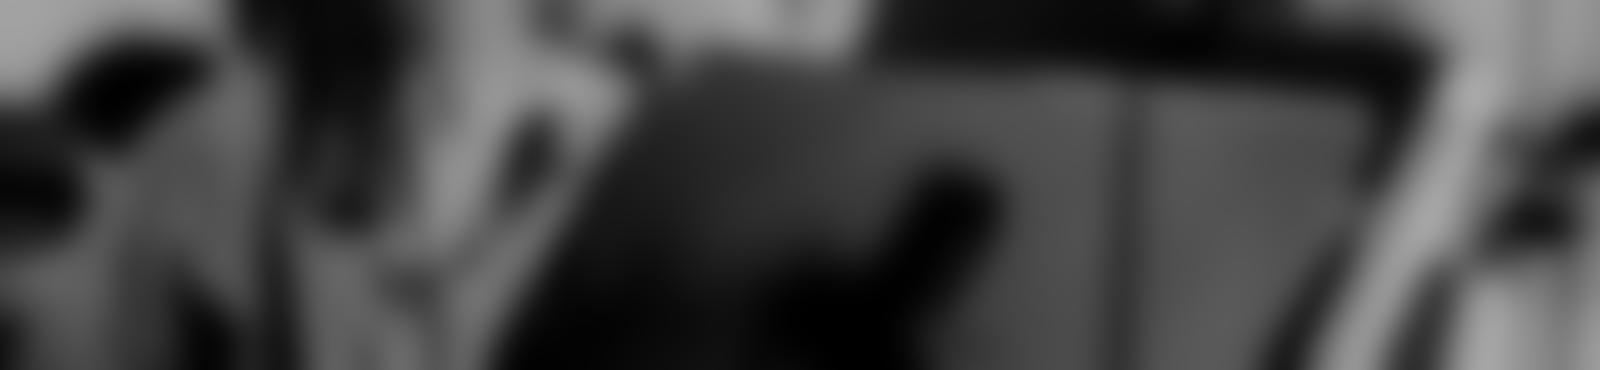 Blurred 6e67183a 674c 4b18 b363 b839eba47836